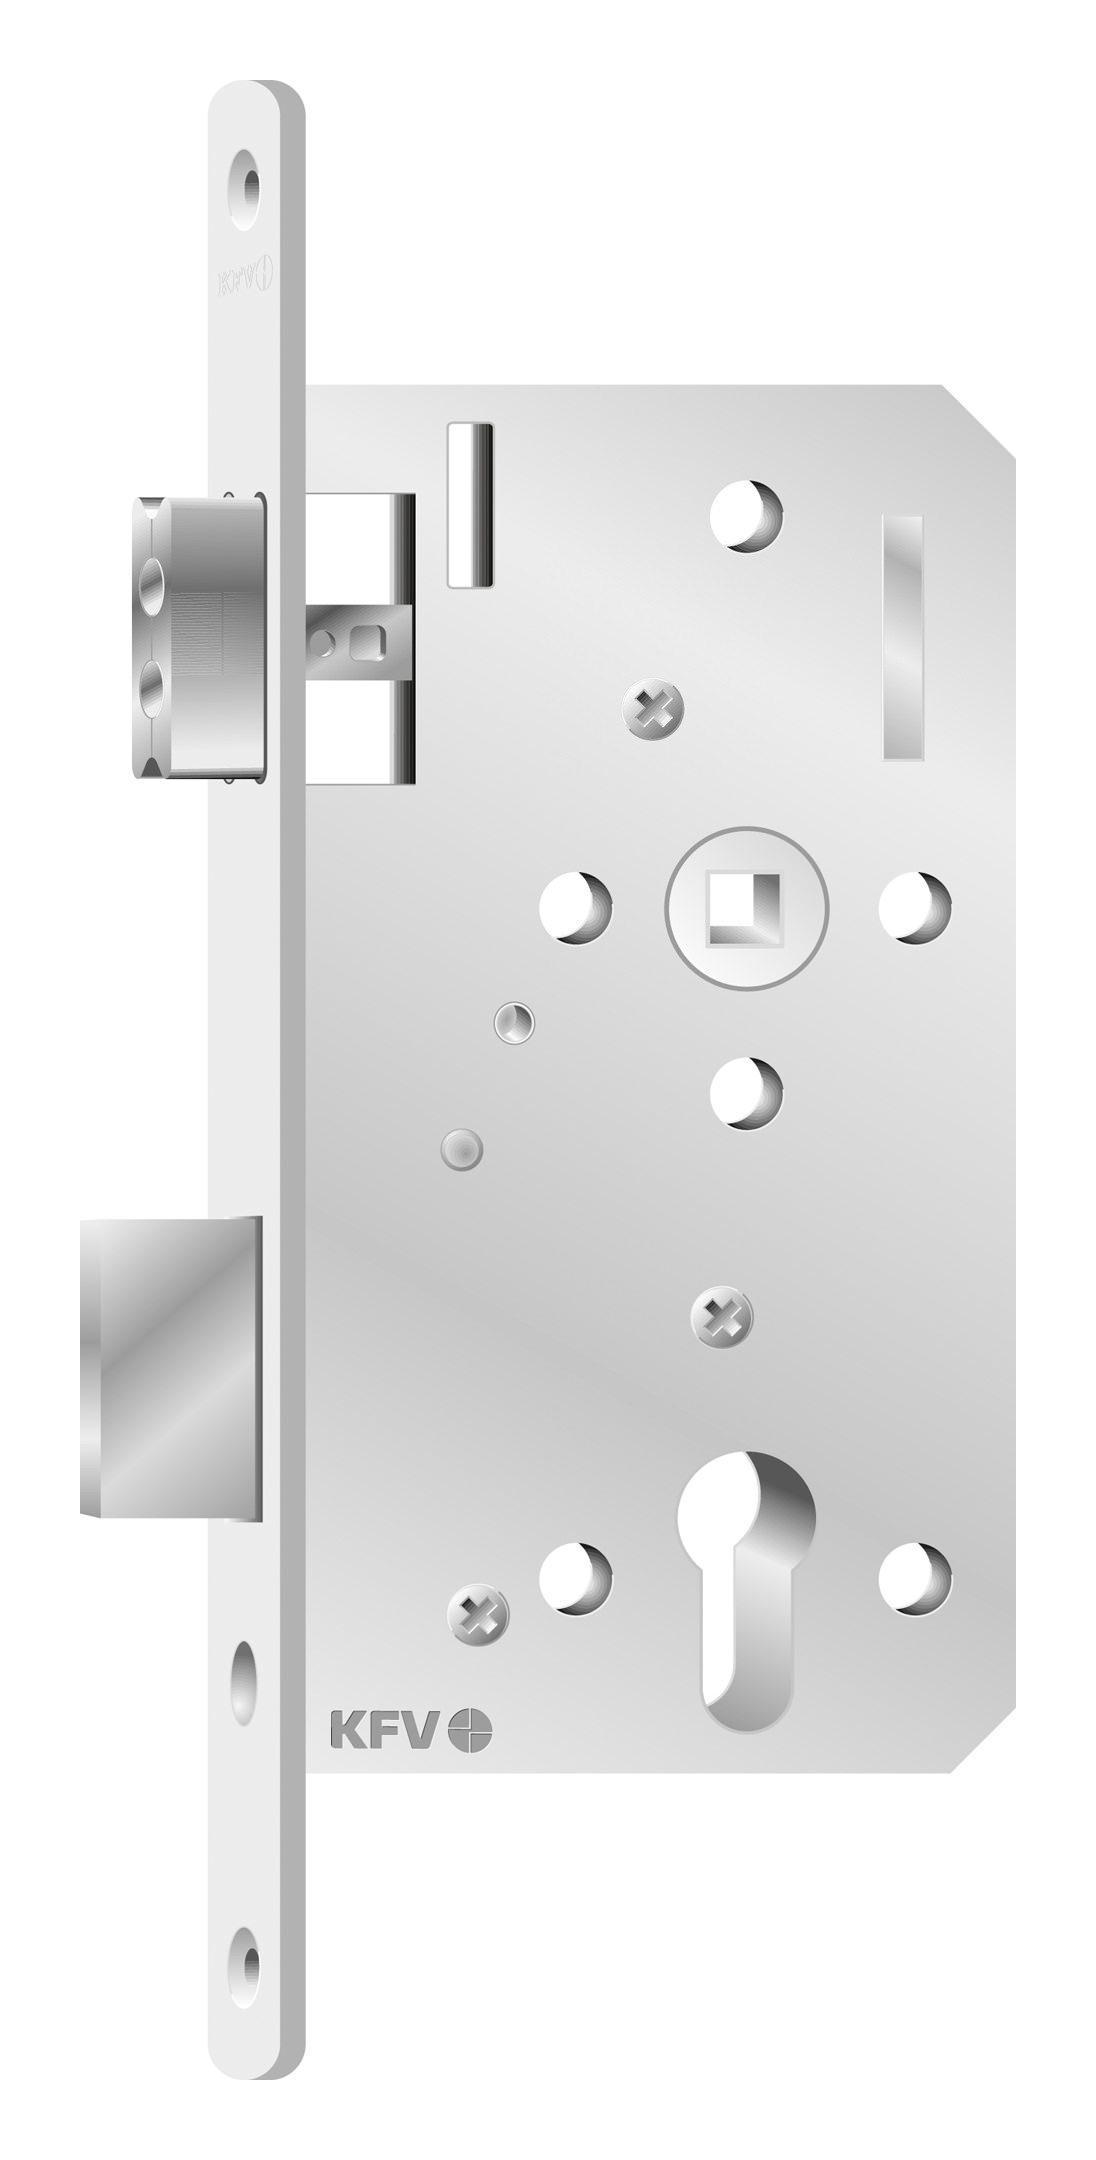 kfv zimmertür-einsteckschloss profilzylinder pz entfernung 72mm